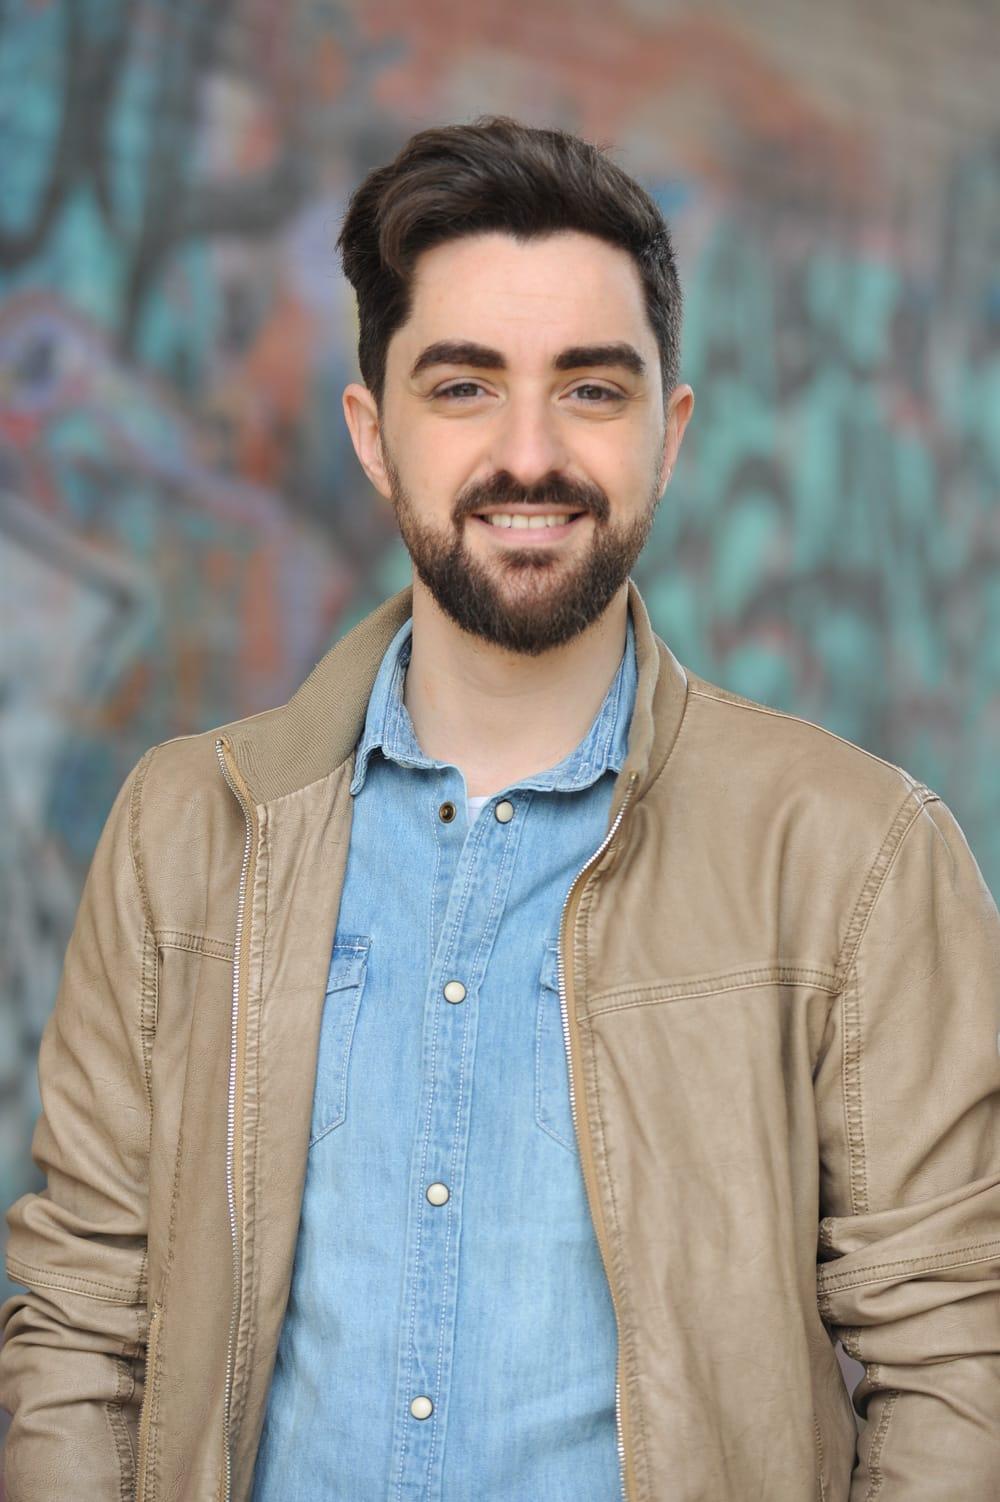 Raffaele Vermiglio